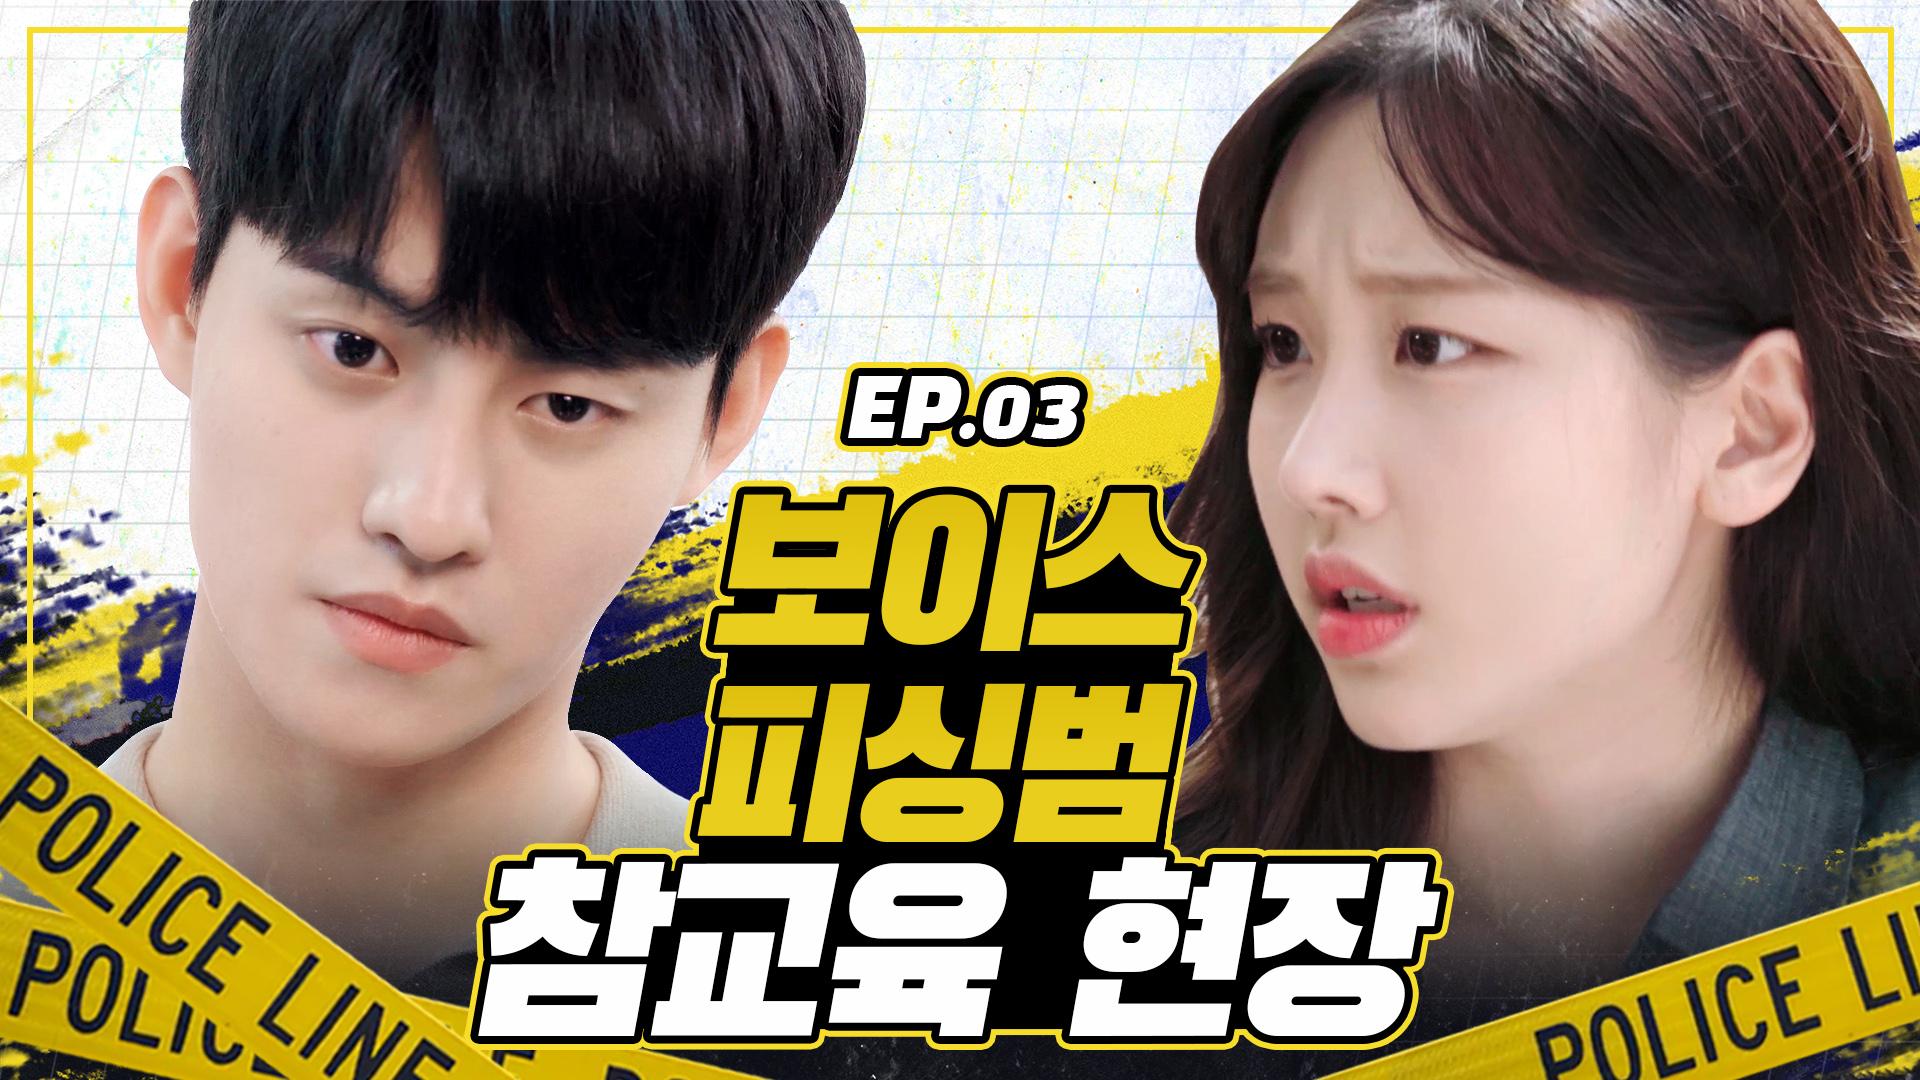 [웹드라마 더폴리스] Ep03 형사들의 보이스피싱 현장 검거